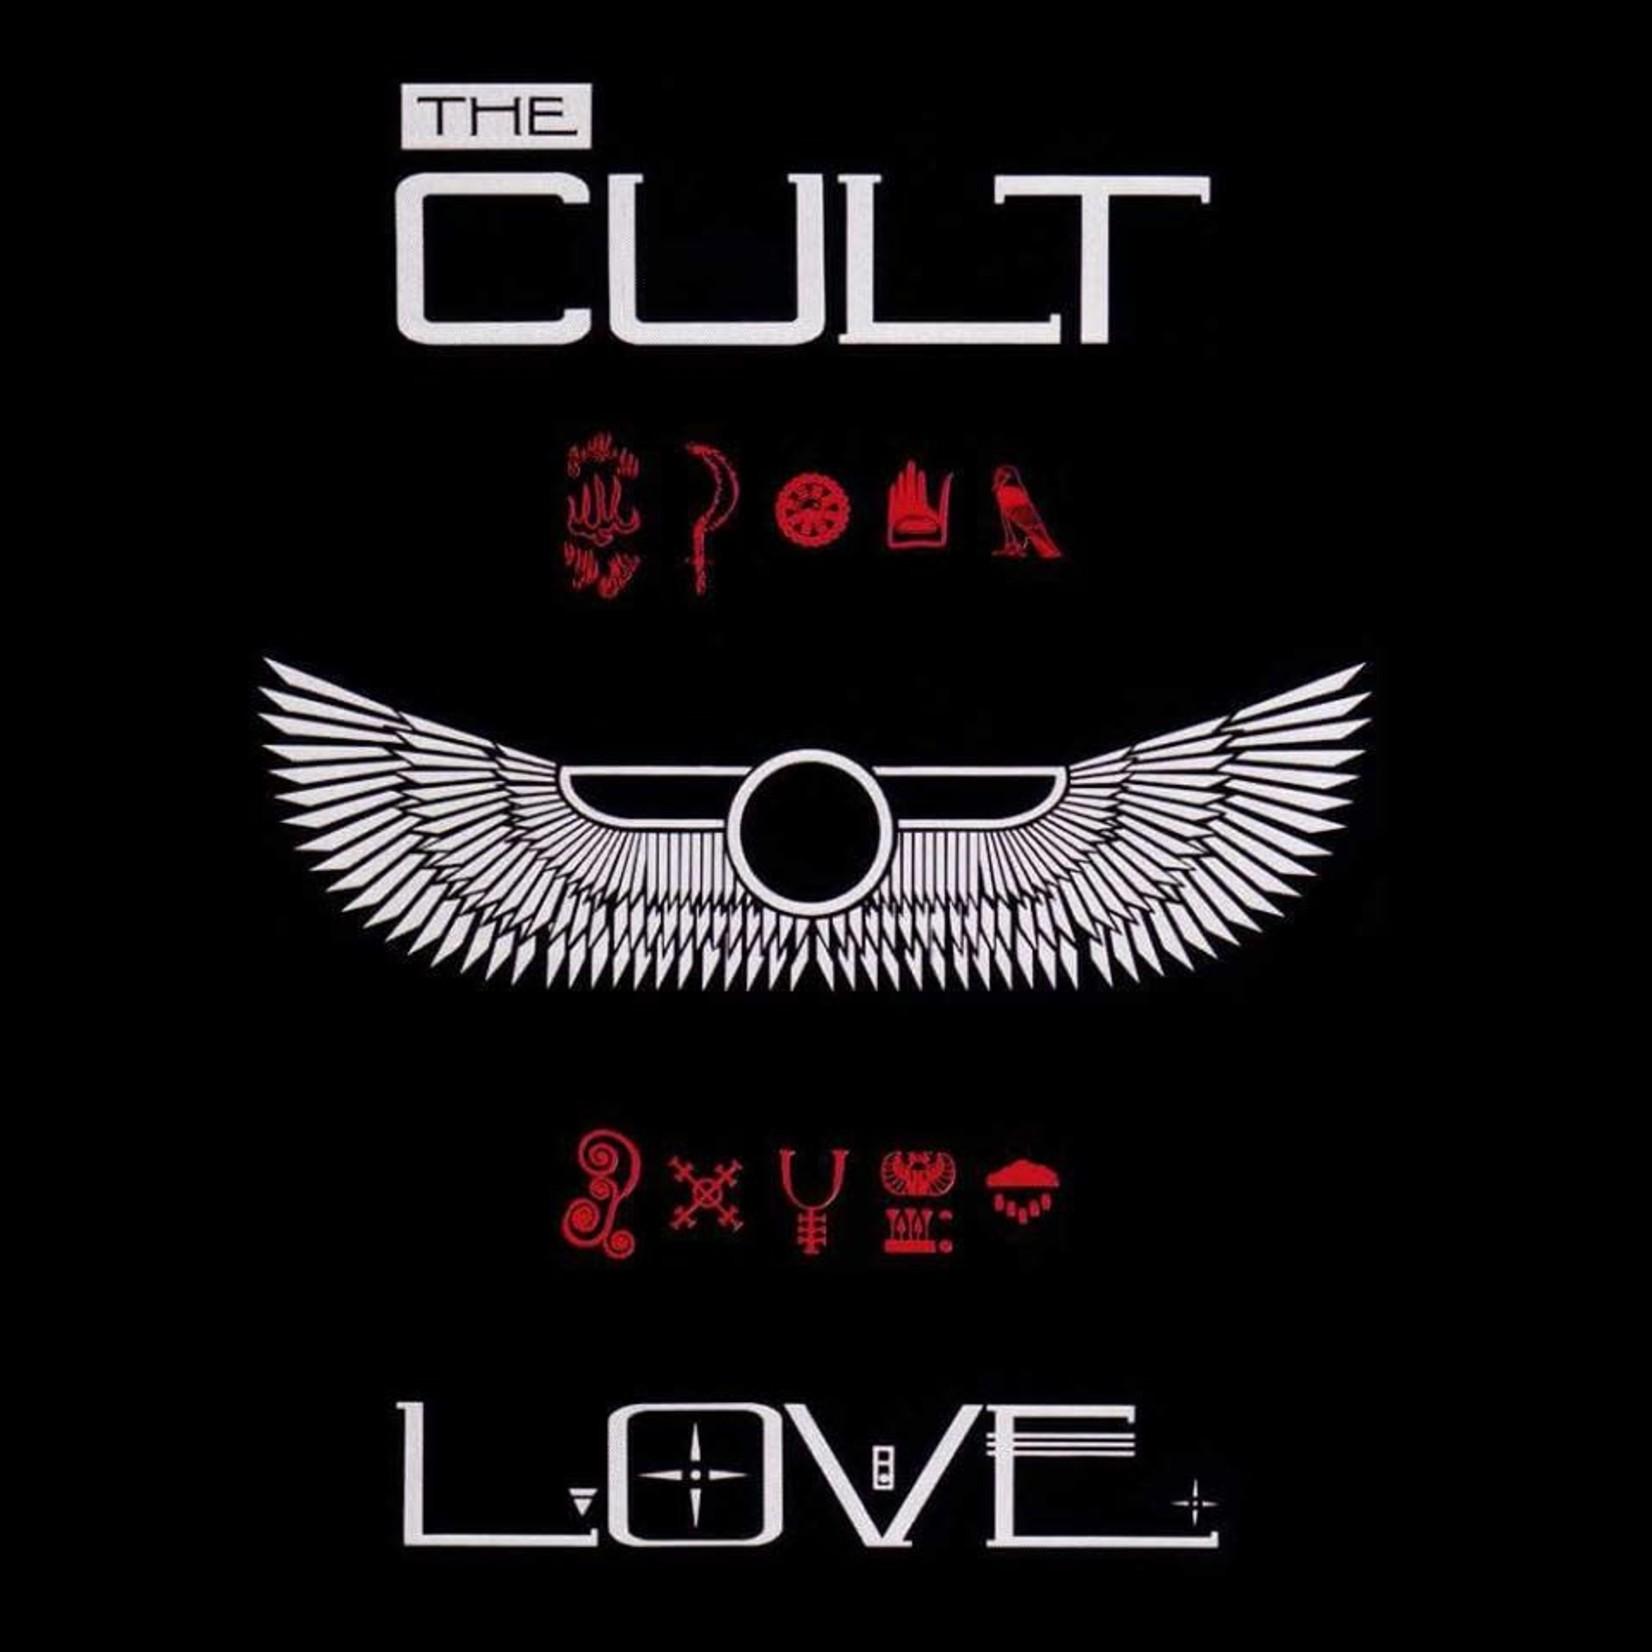 [Vintage] Cult: Love